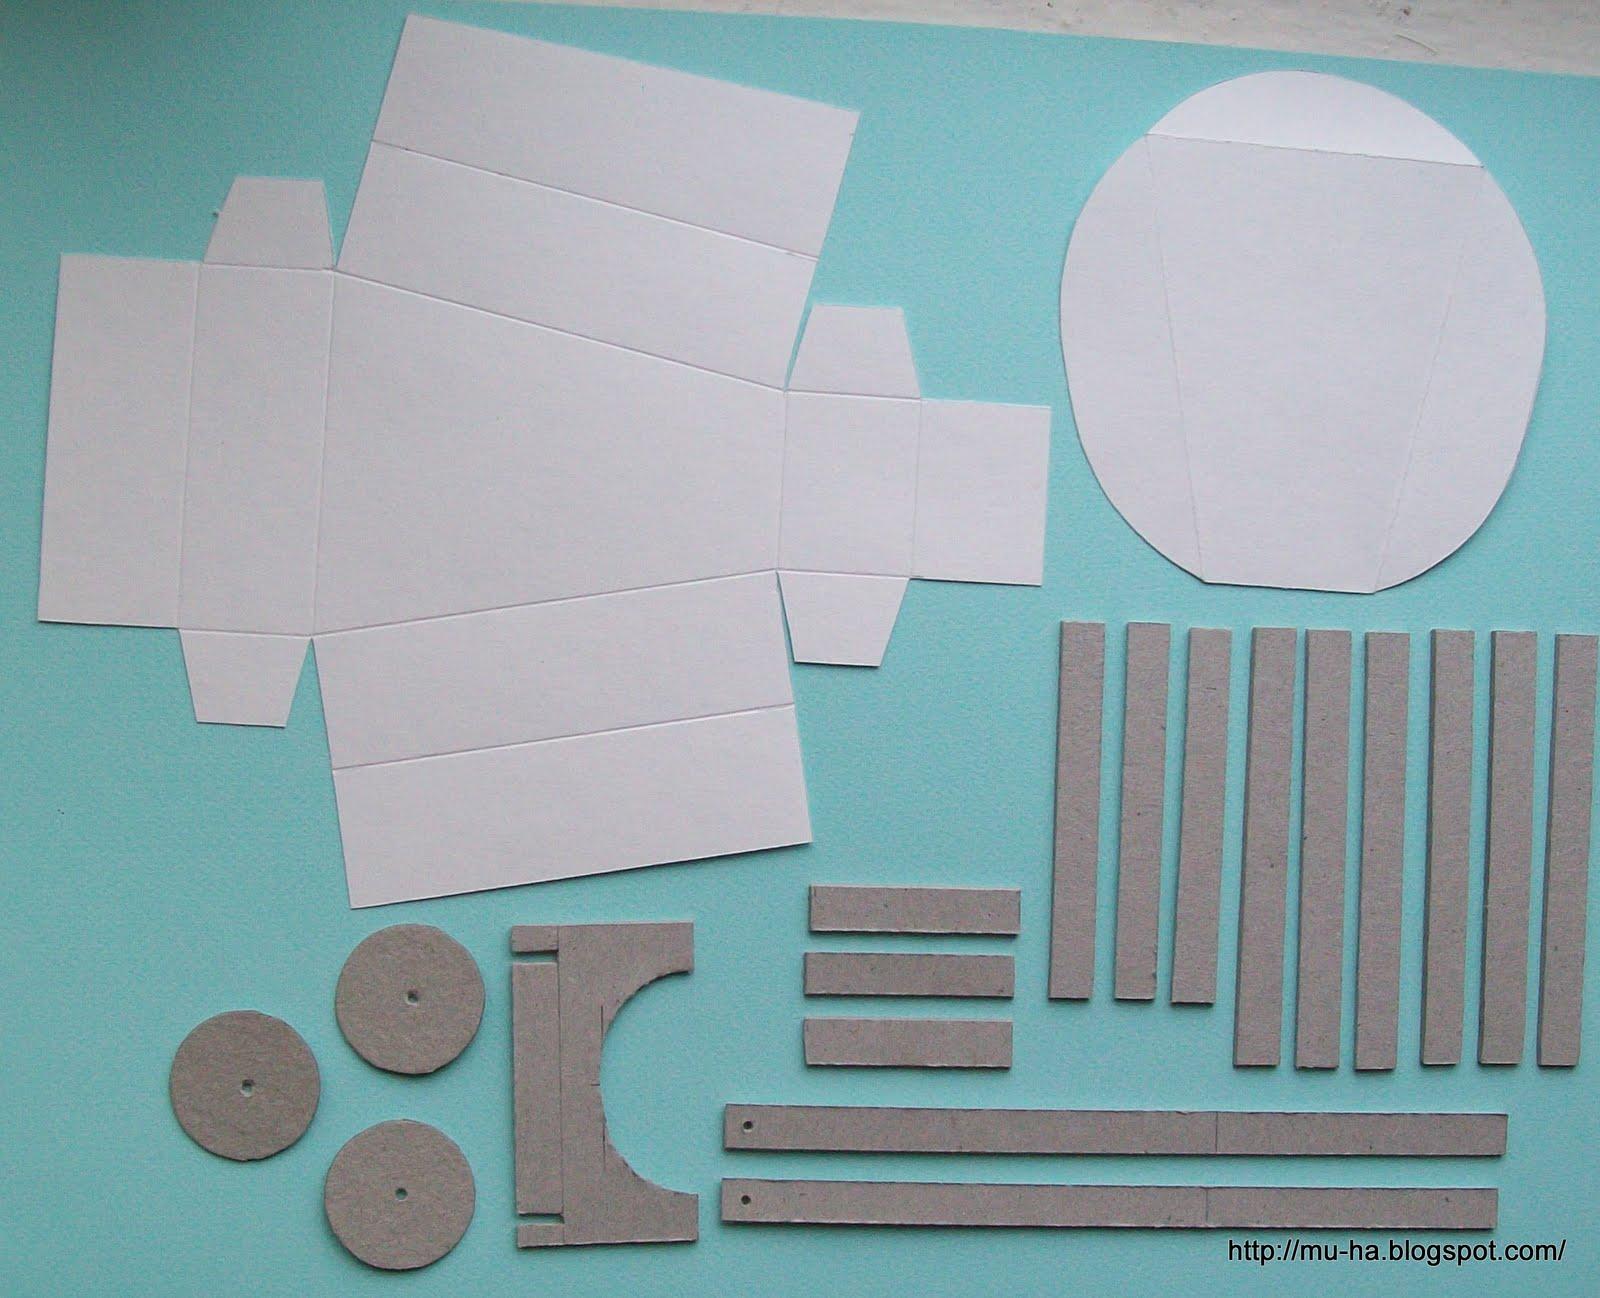 Вырежьте детали по шаблону, затем следуйте пошаговым фотографиям.  Такую тележку можно сделать из картона.